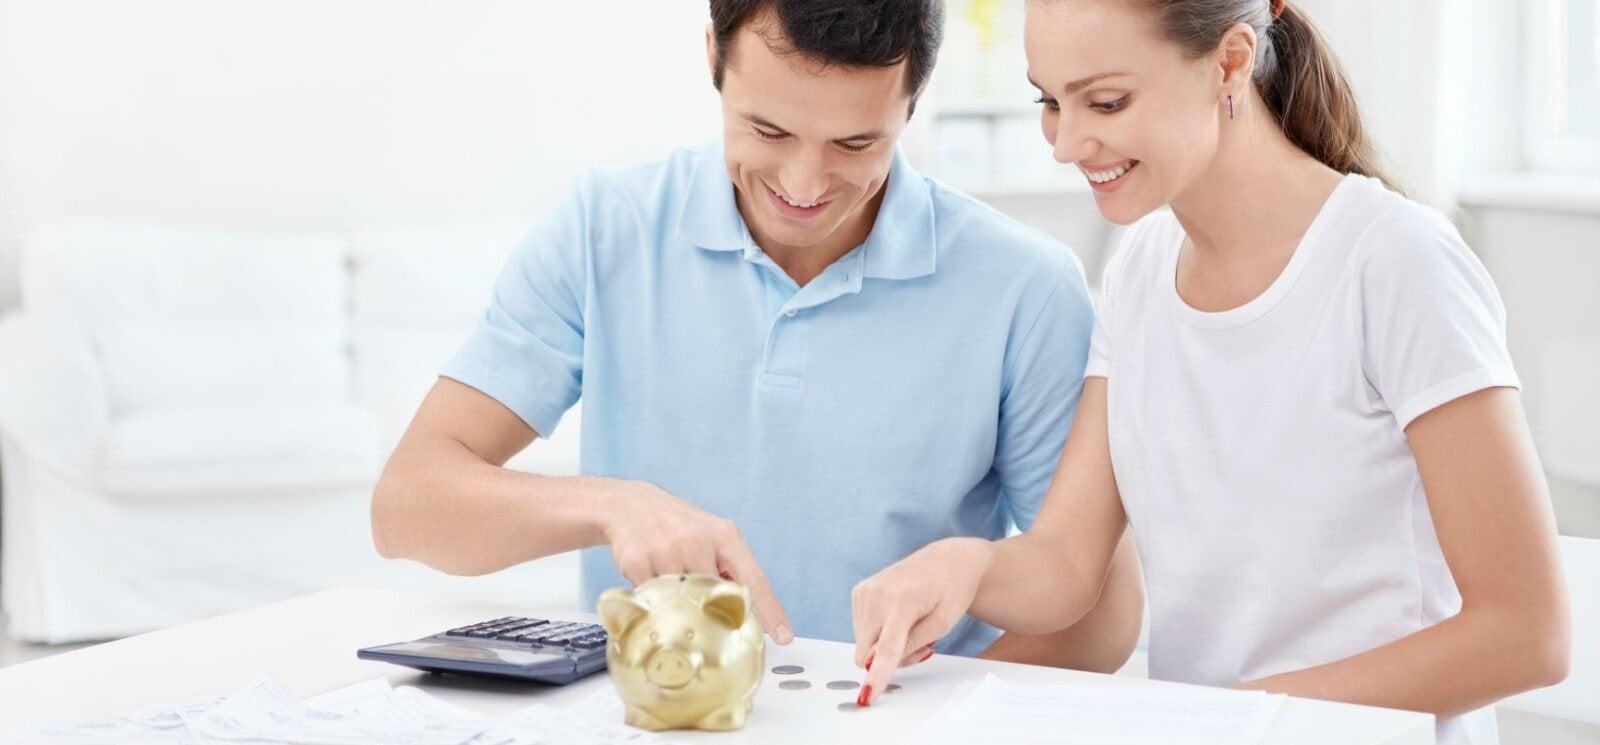 12 dicas para economizar dinheiro quando o bebê chegar - Sou Mamãe 51f53df3c32